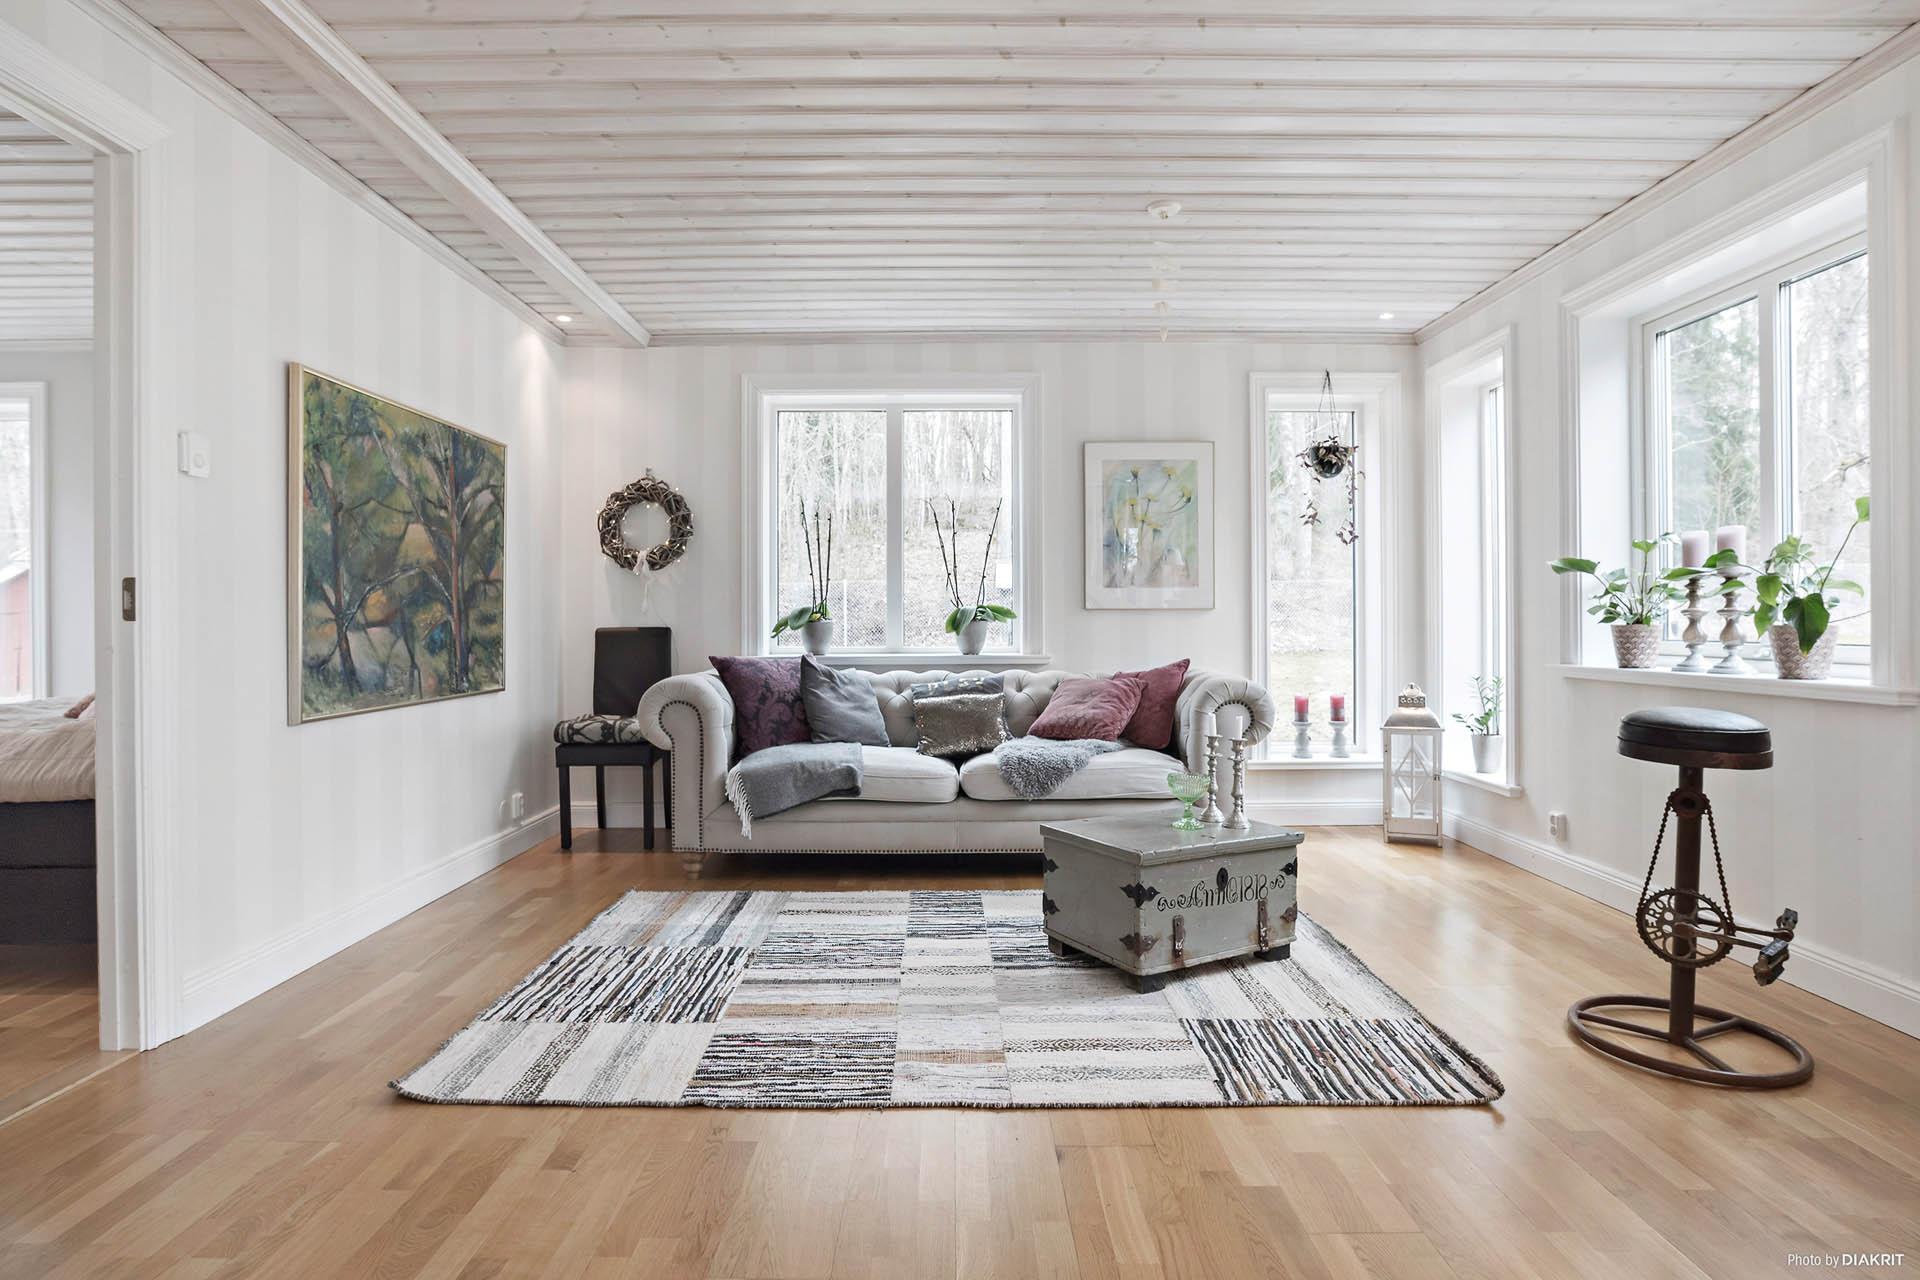 Vardagsrum med stora umgängesytor för hela familjen, släkt och vänner